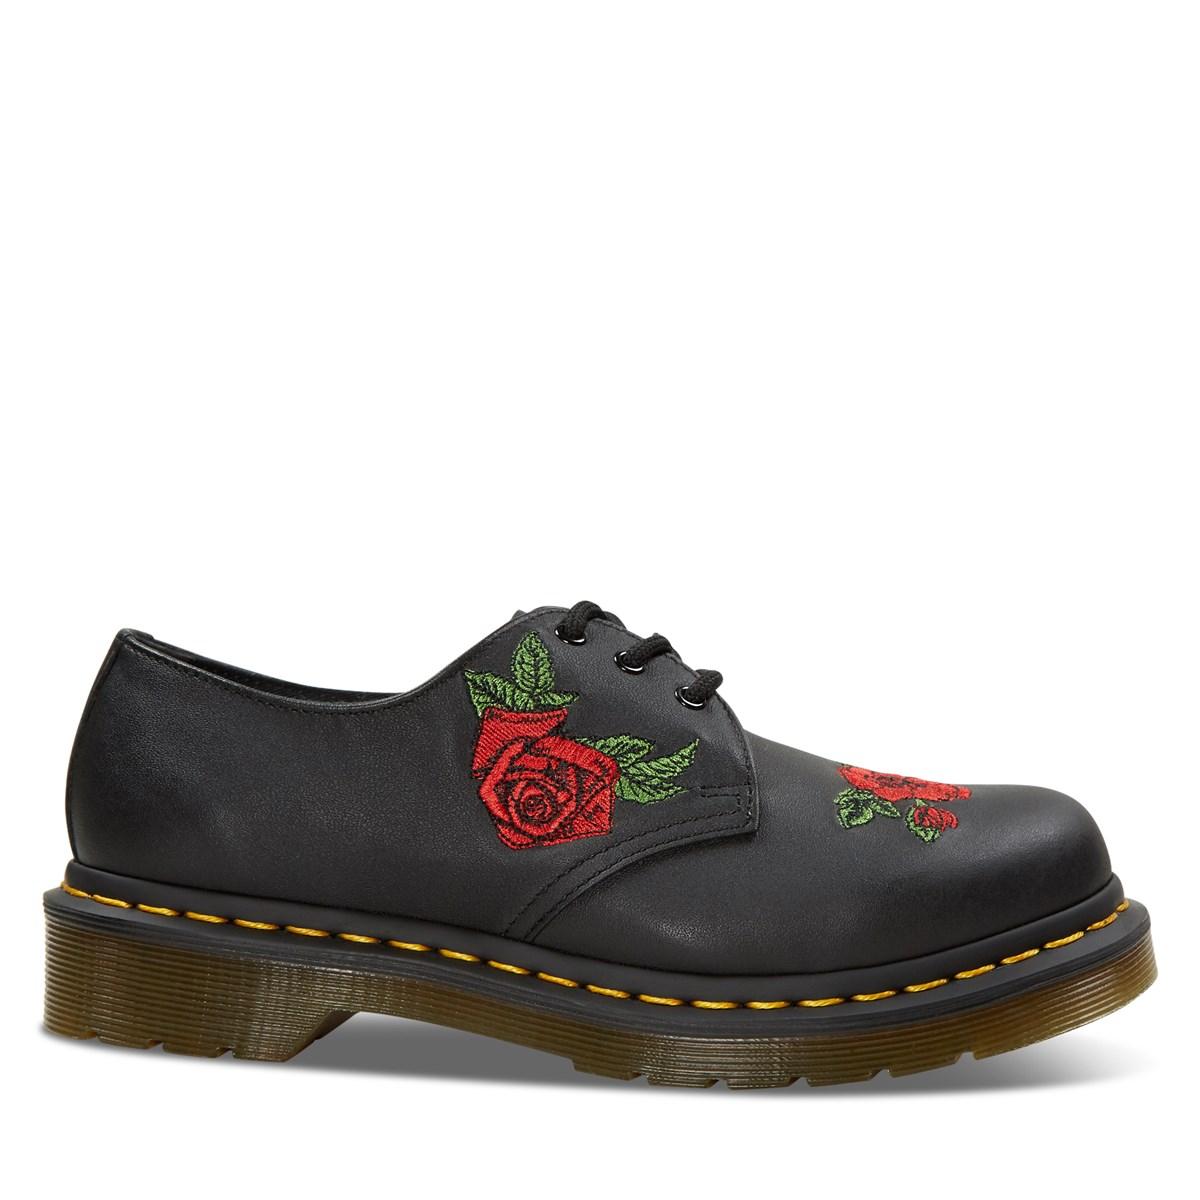 Women's 1461 Vonda Shoes in Black